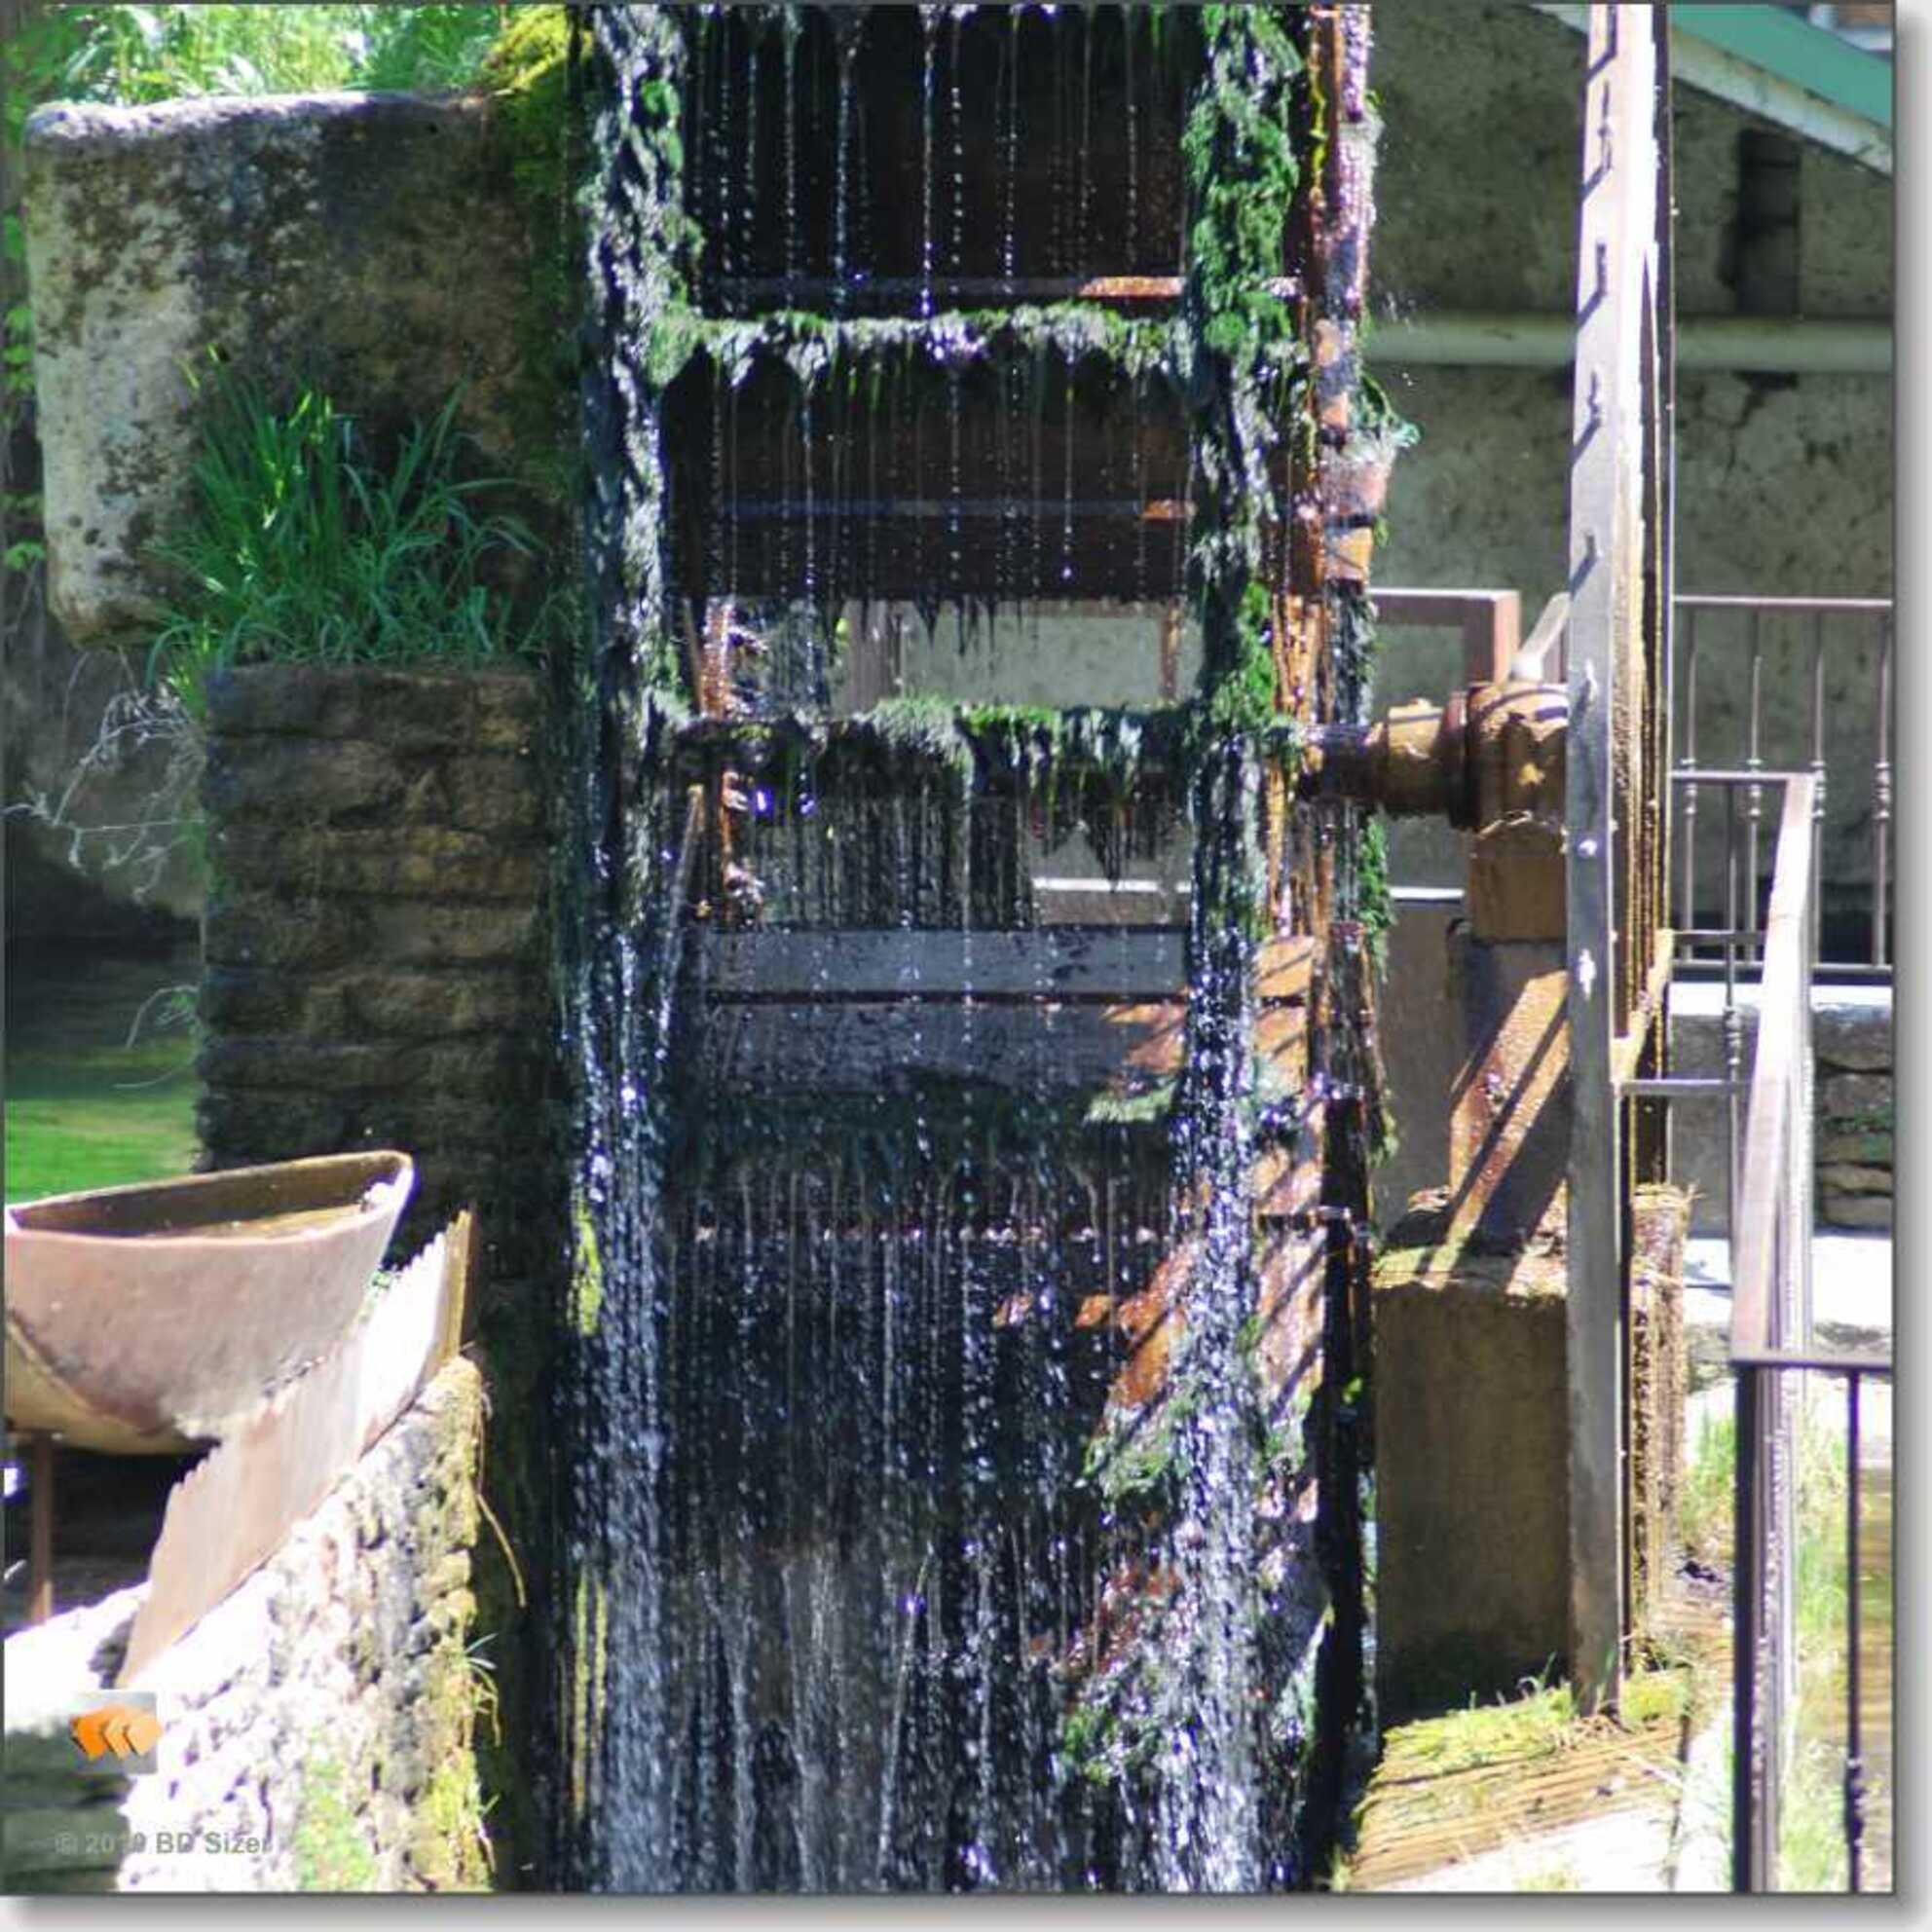 De watermolen milieuvriendelijke energie - Deze watermolen is de aandrijving van een papierfabriekje in Fontaine de Vaucluse - foto door ludovicvandensande op 27-03-2011 - deze foto bevat: energie, zuivere